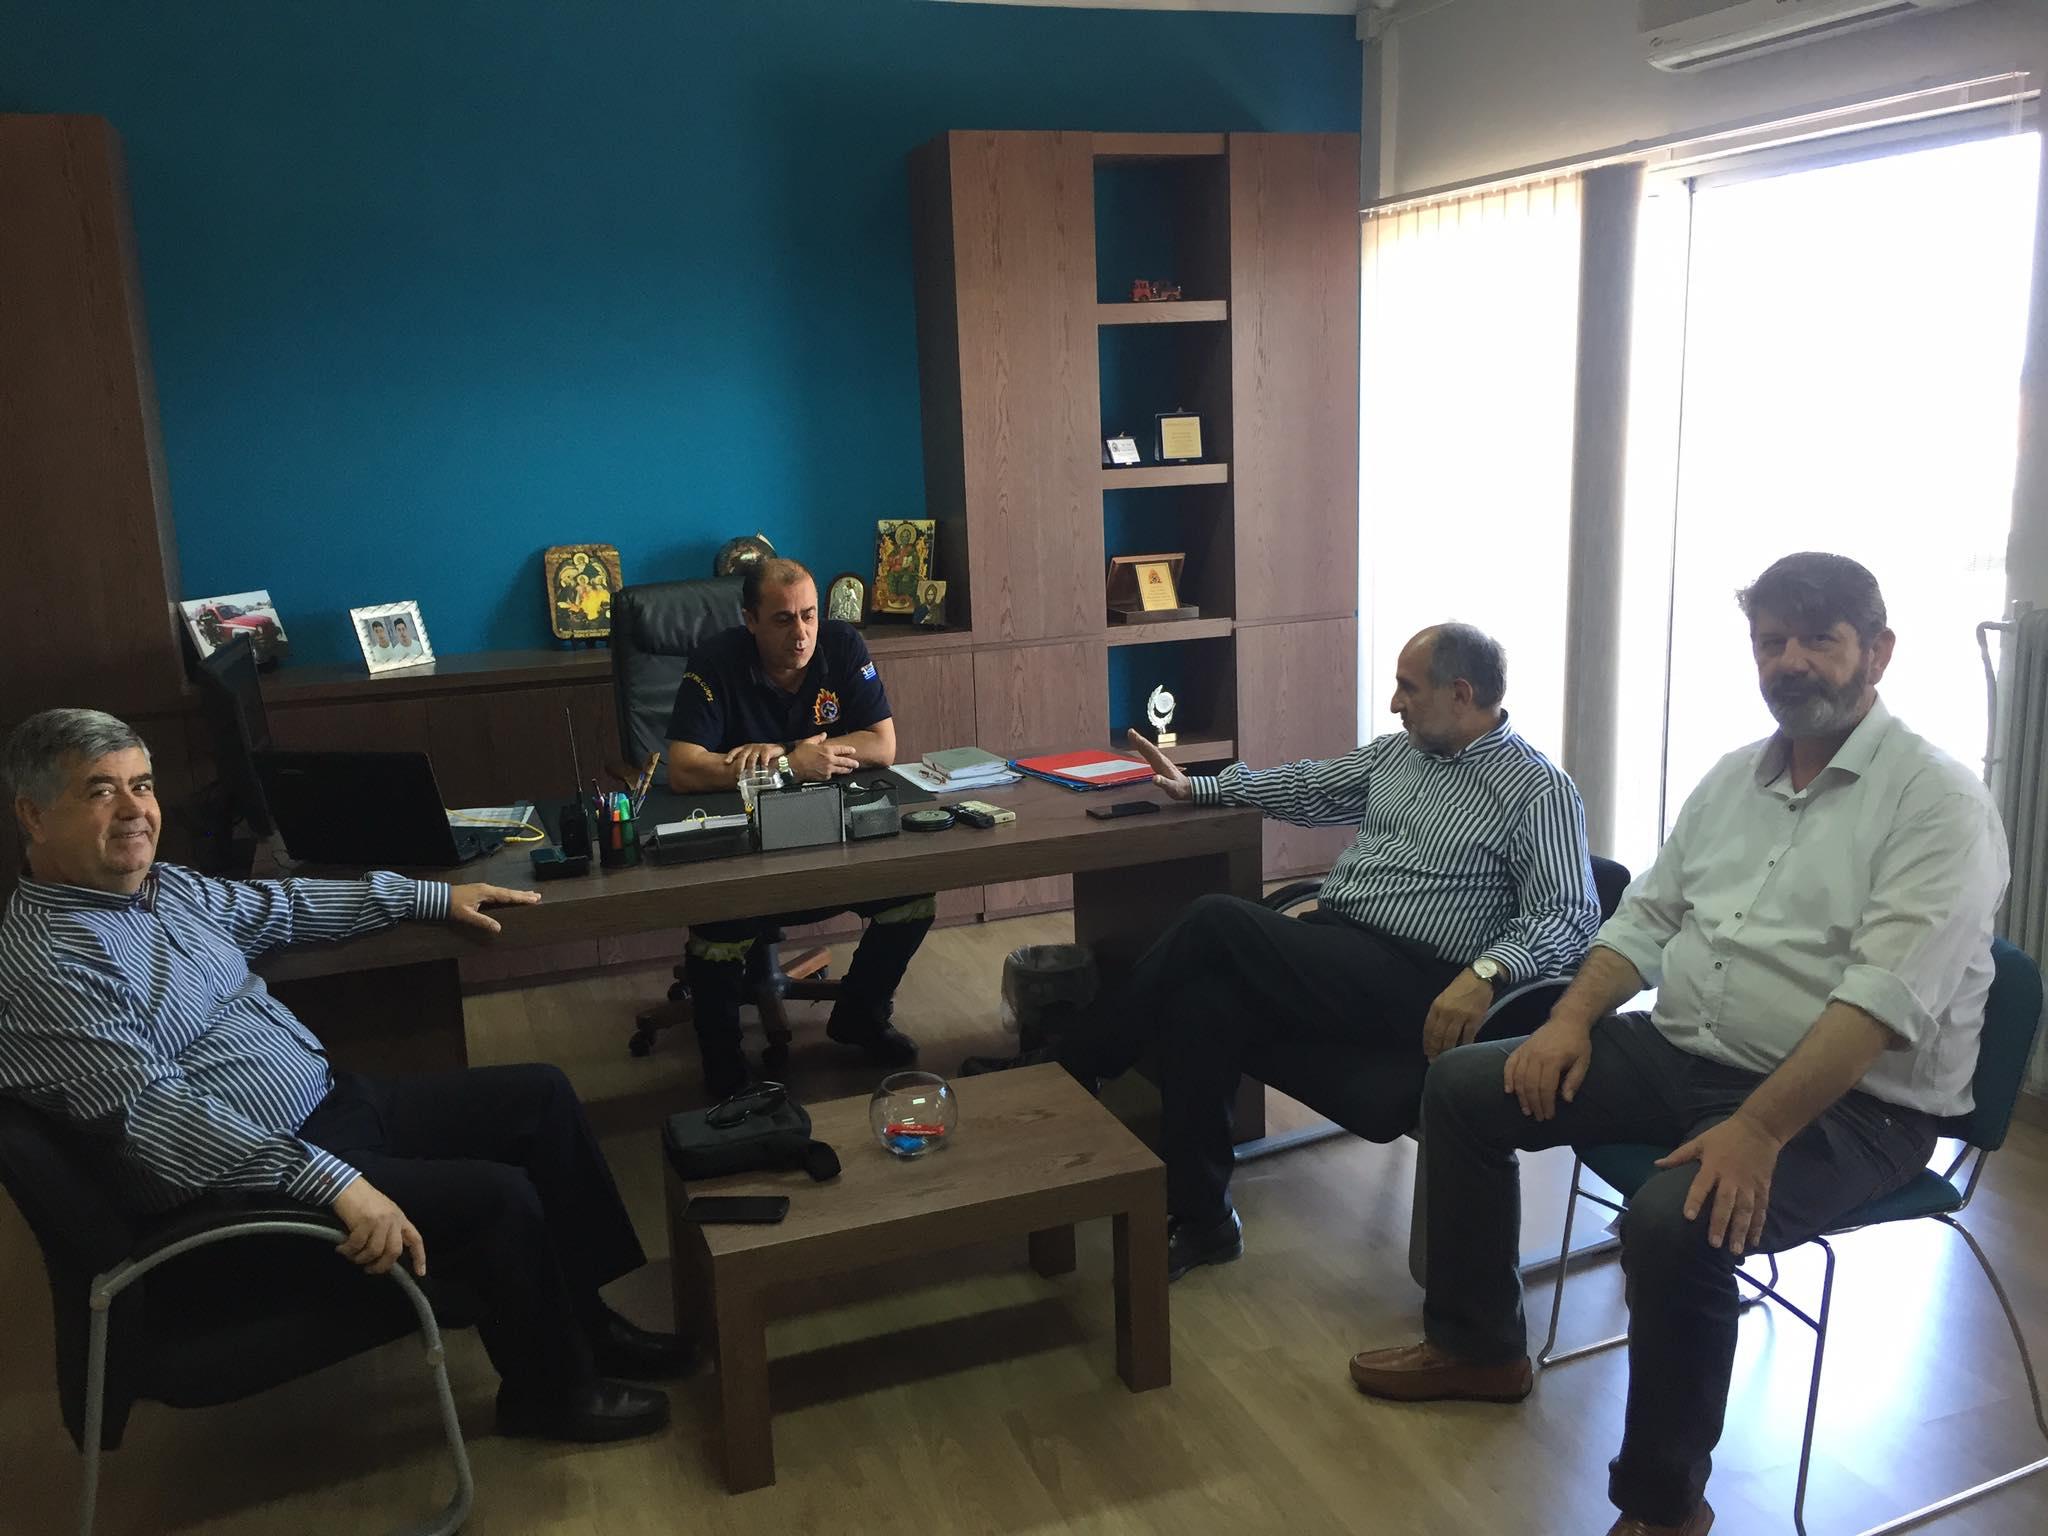 Στην Πυροσβεστική Υπηρεσία η περιφερειακή παράταξη Δυτική Ελλάδα-Δικαίωμα στην Πρόοδο (photos)